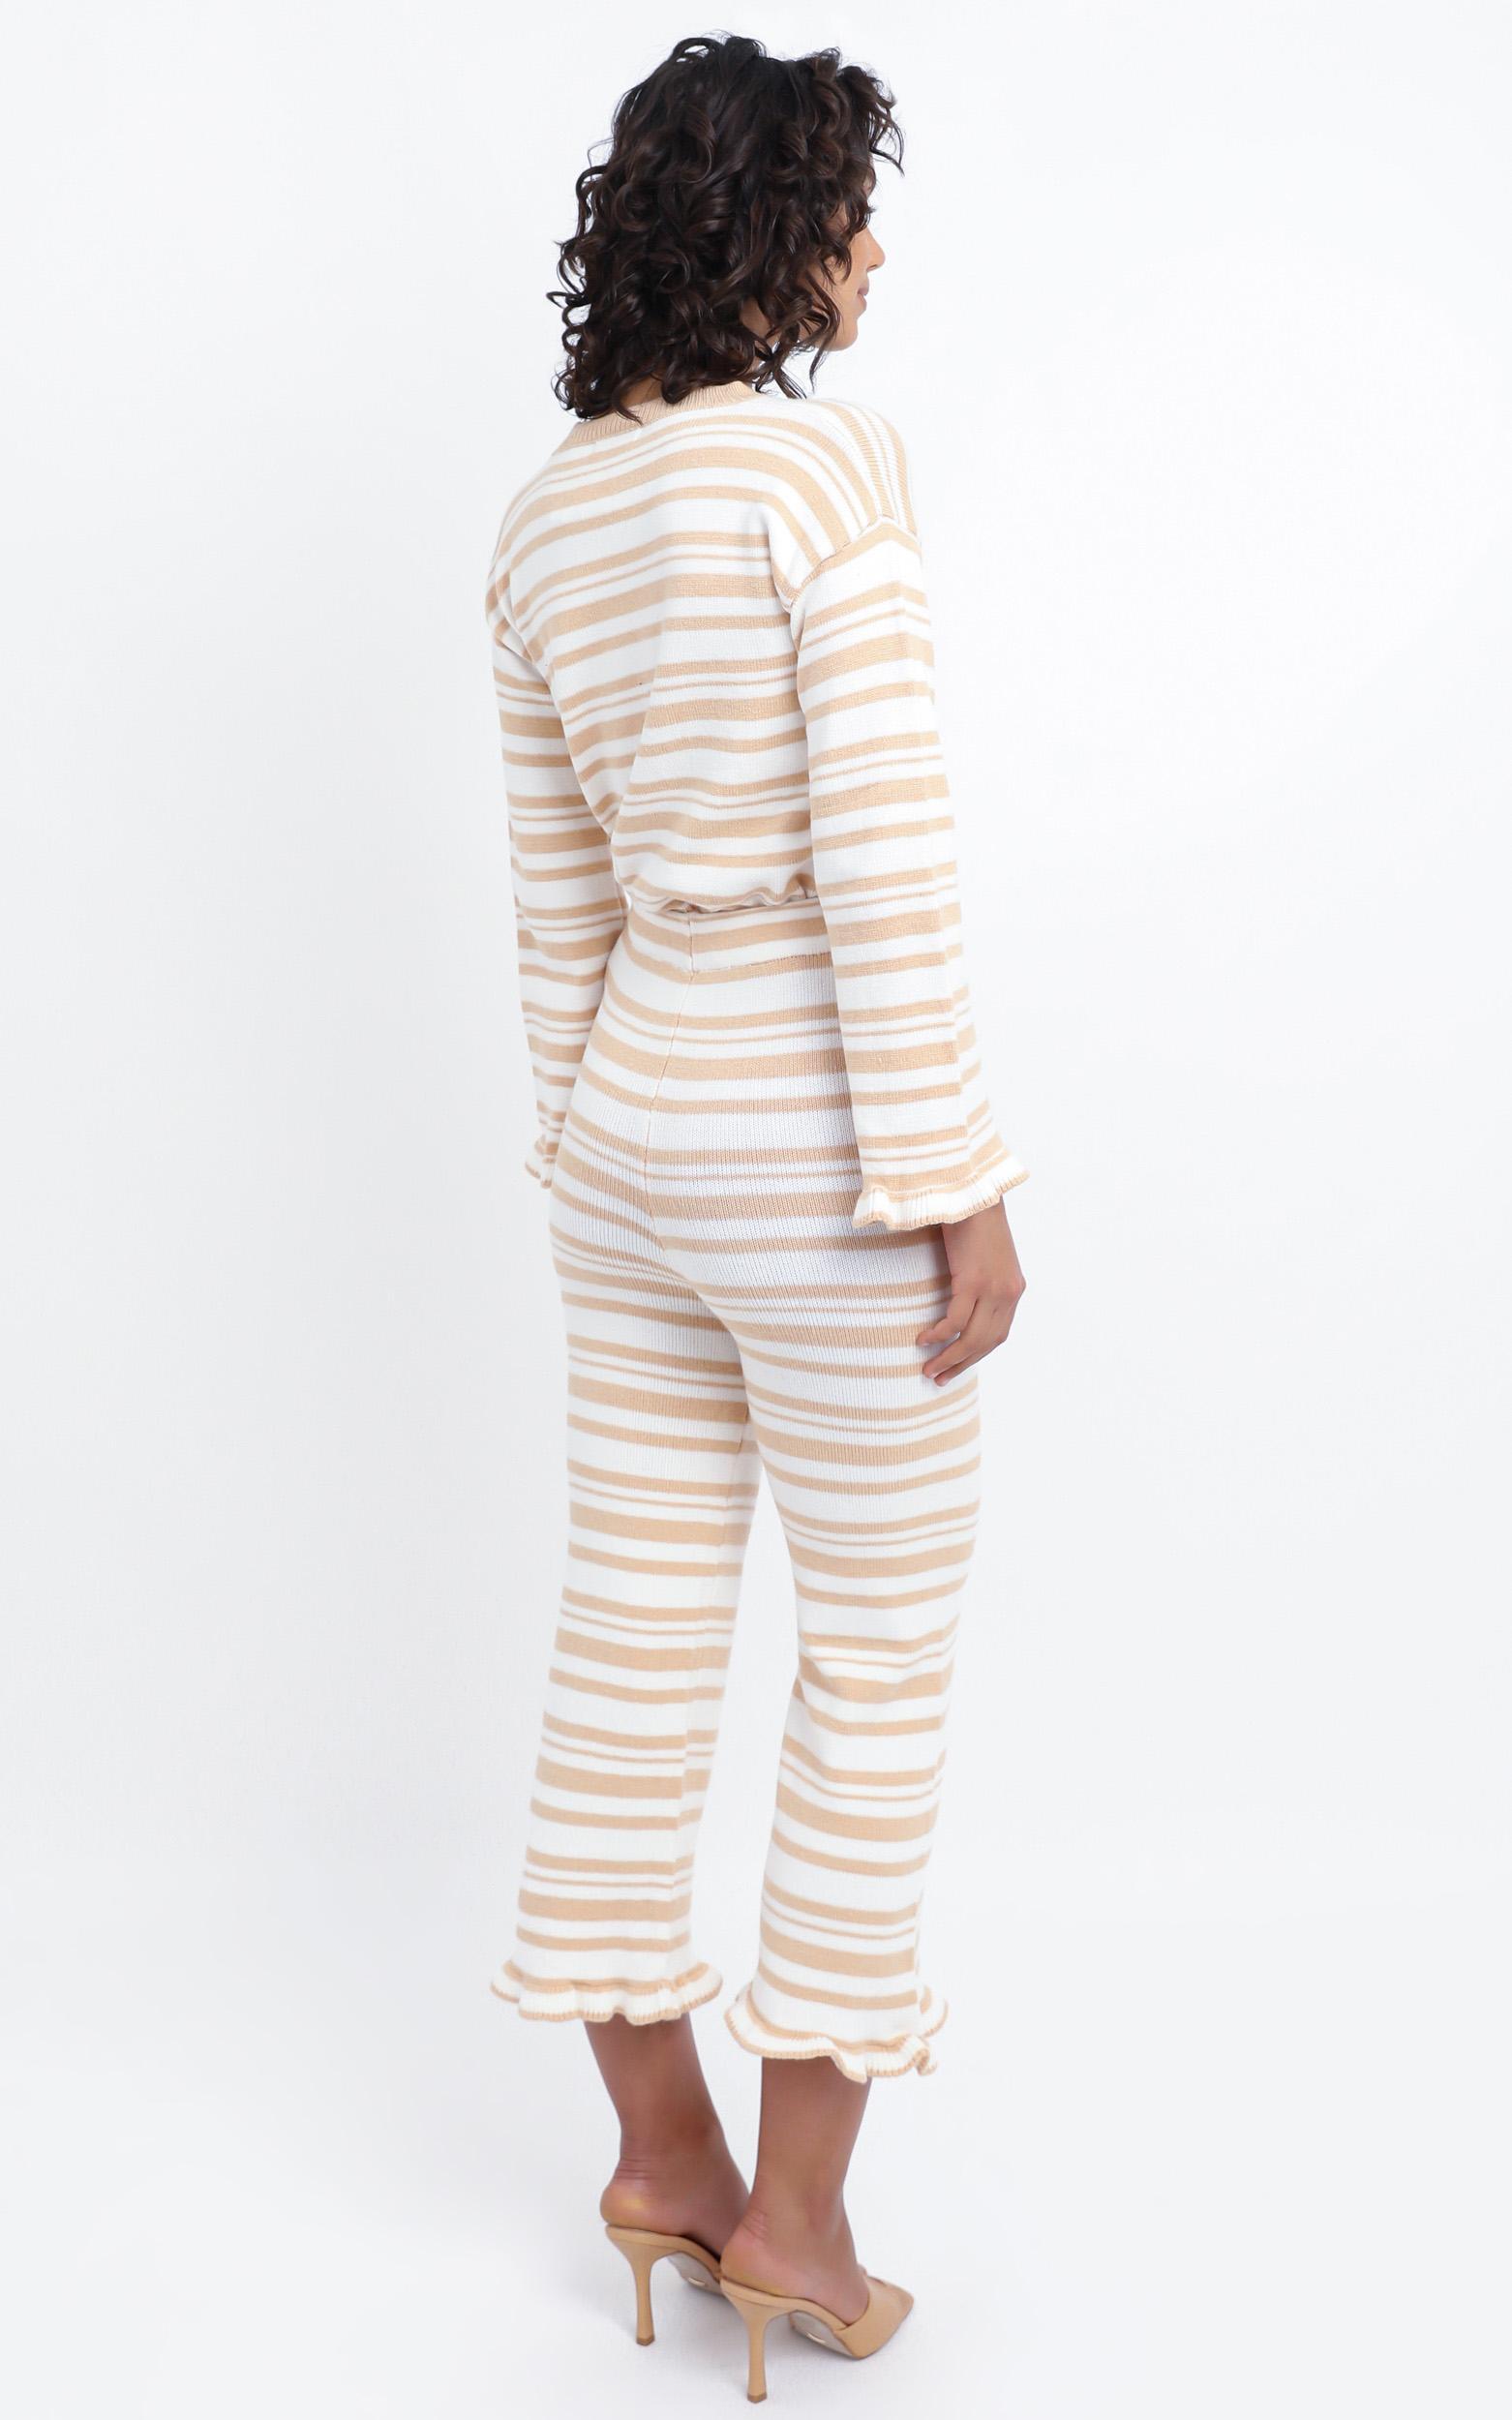 Denisa Pants in Peach Stripe - XS/S, Beige, hi-res image number null